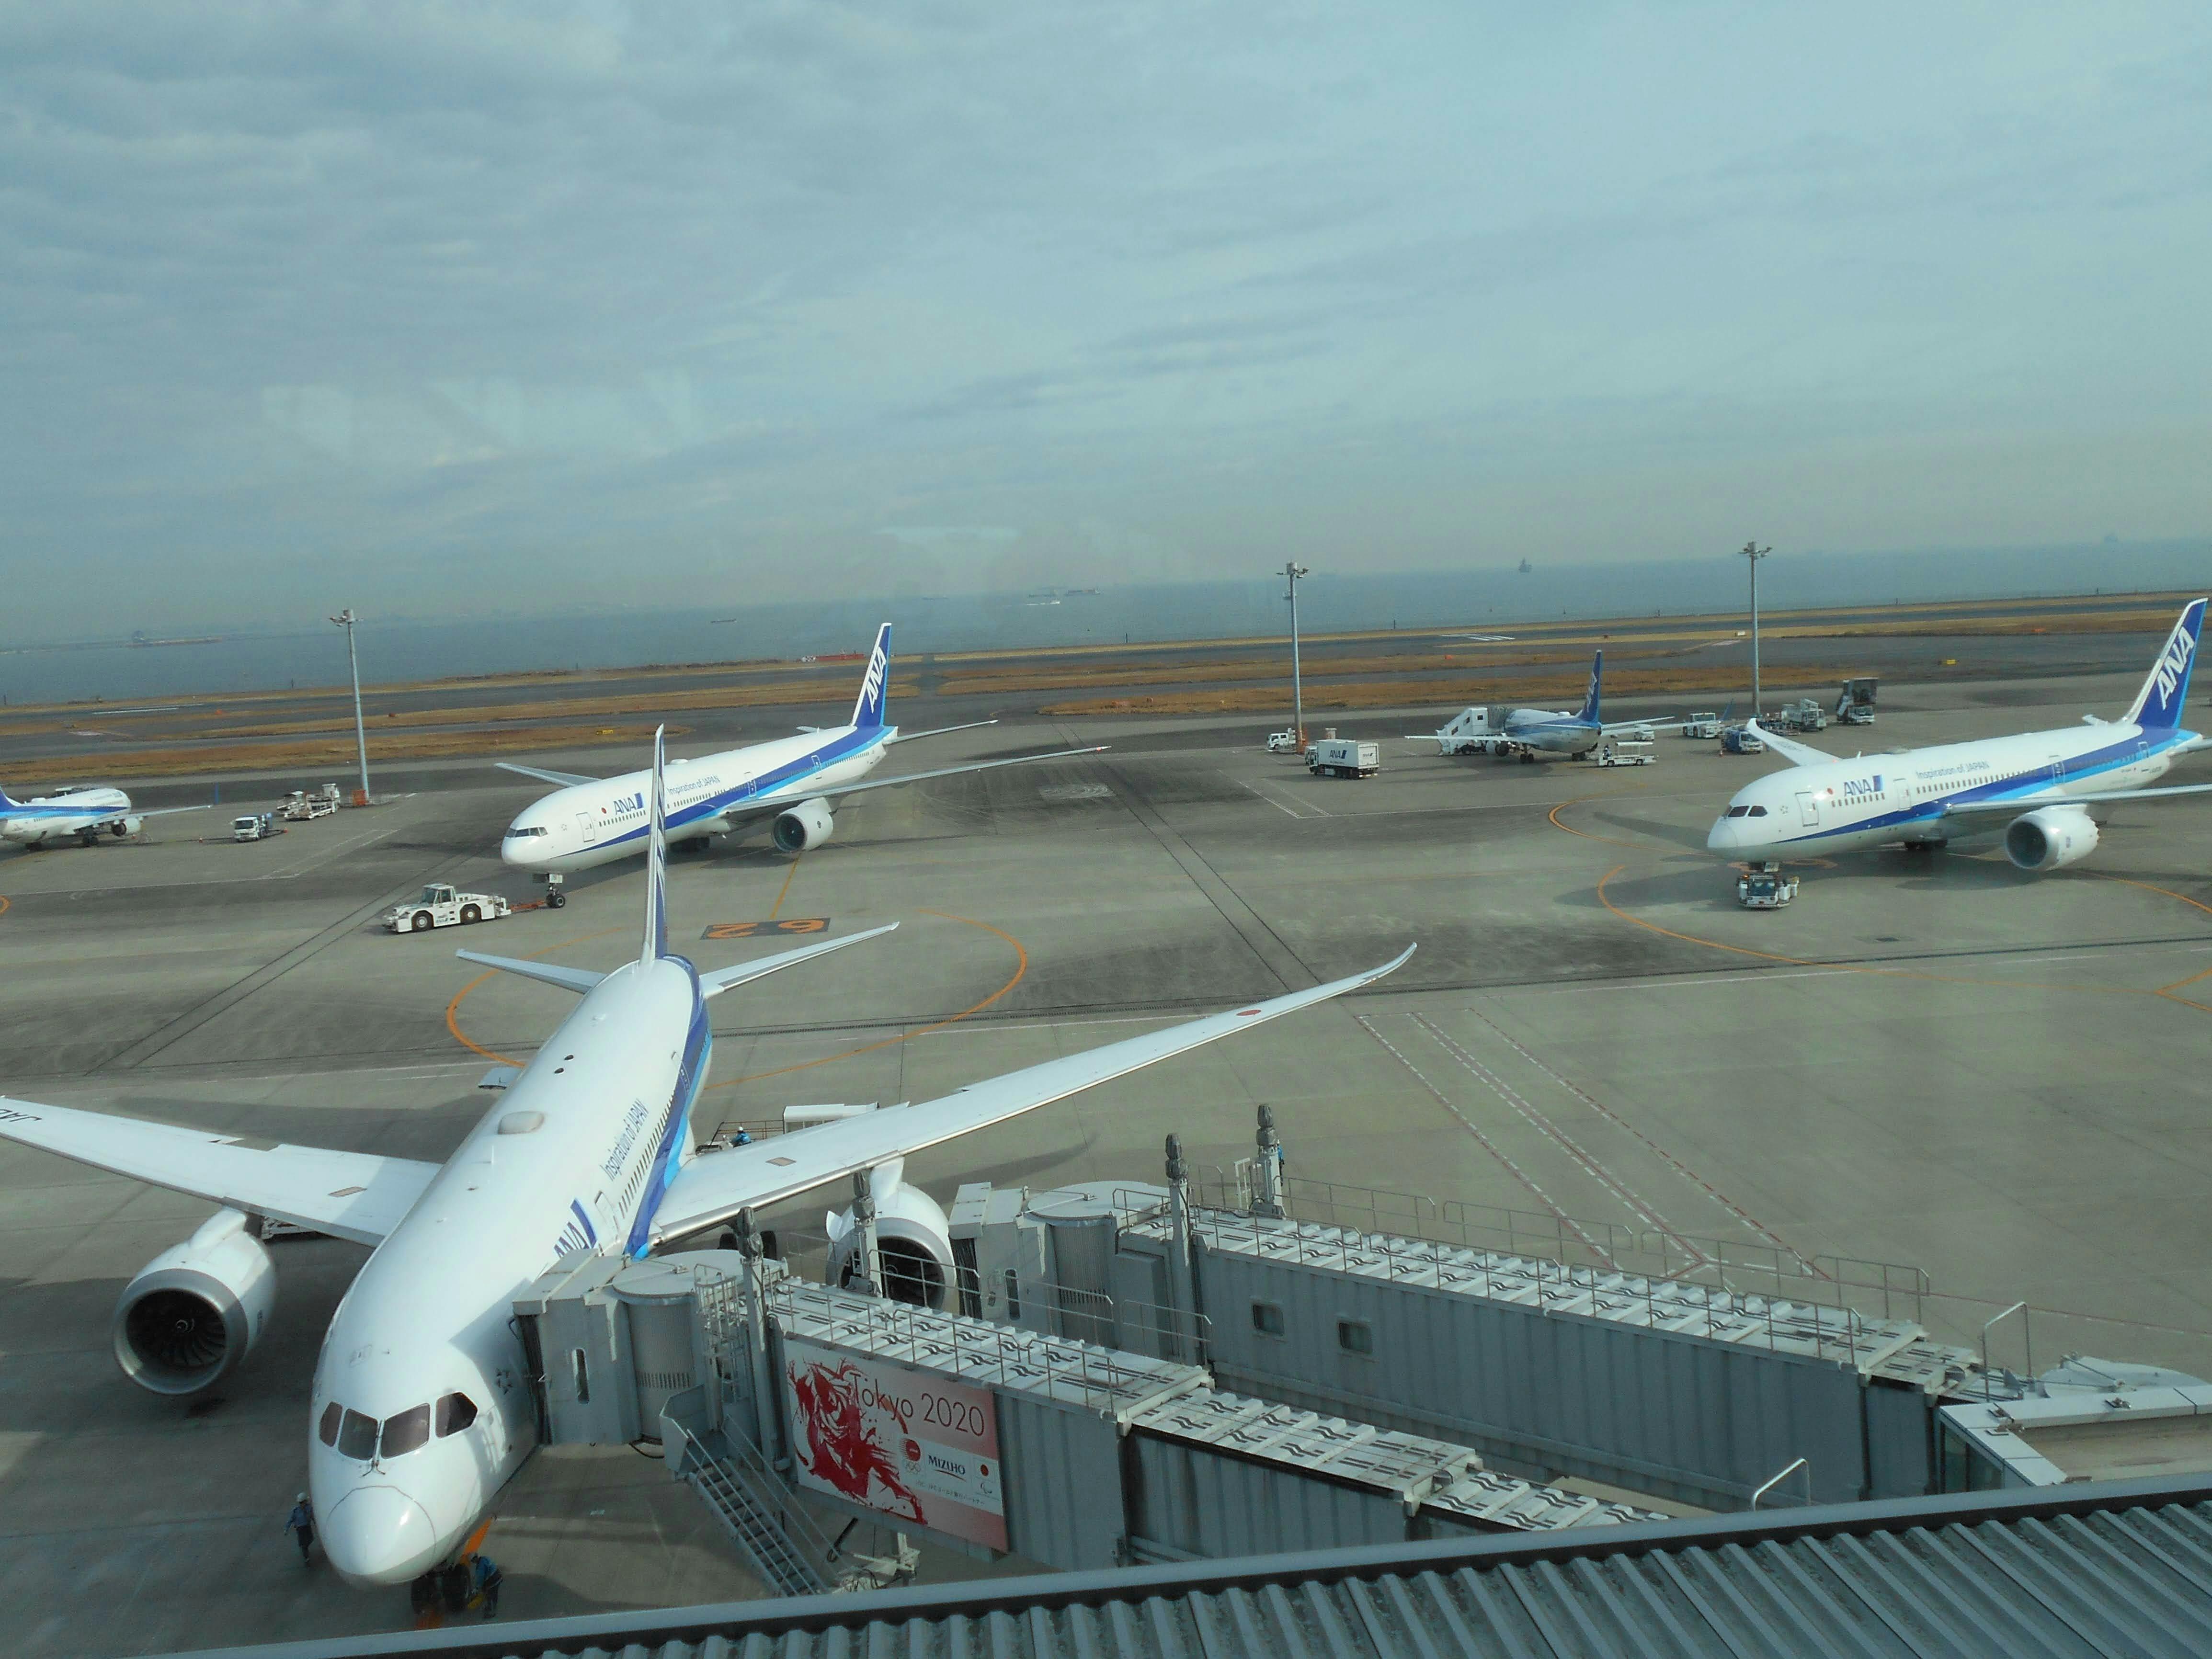 f:id:A350-900:20210109211428j:image